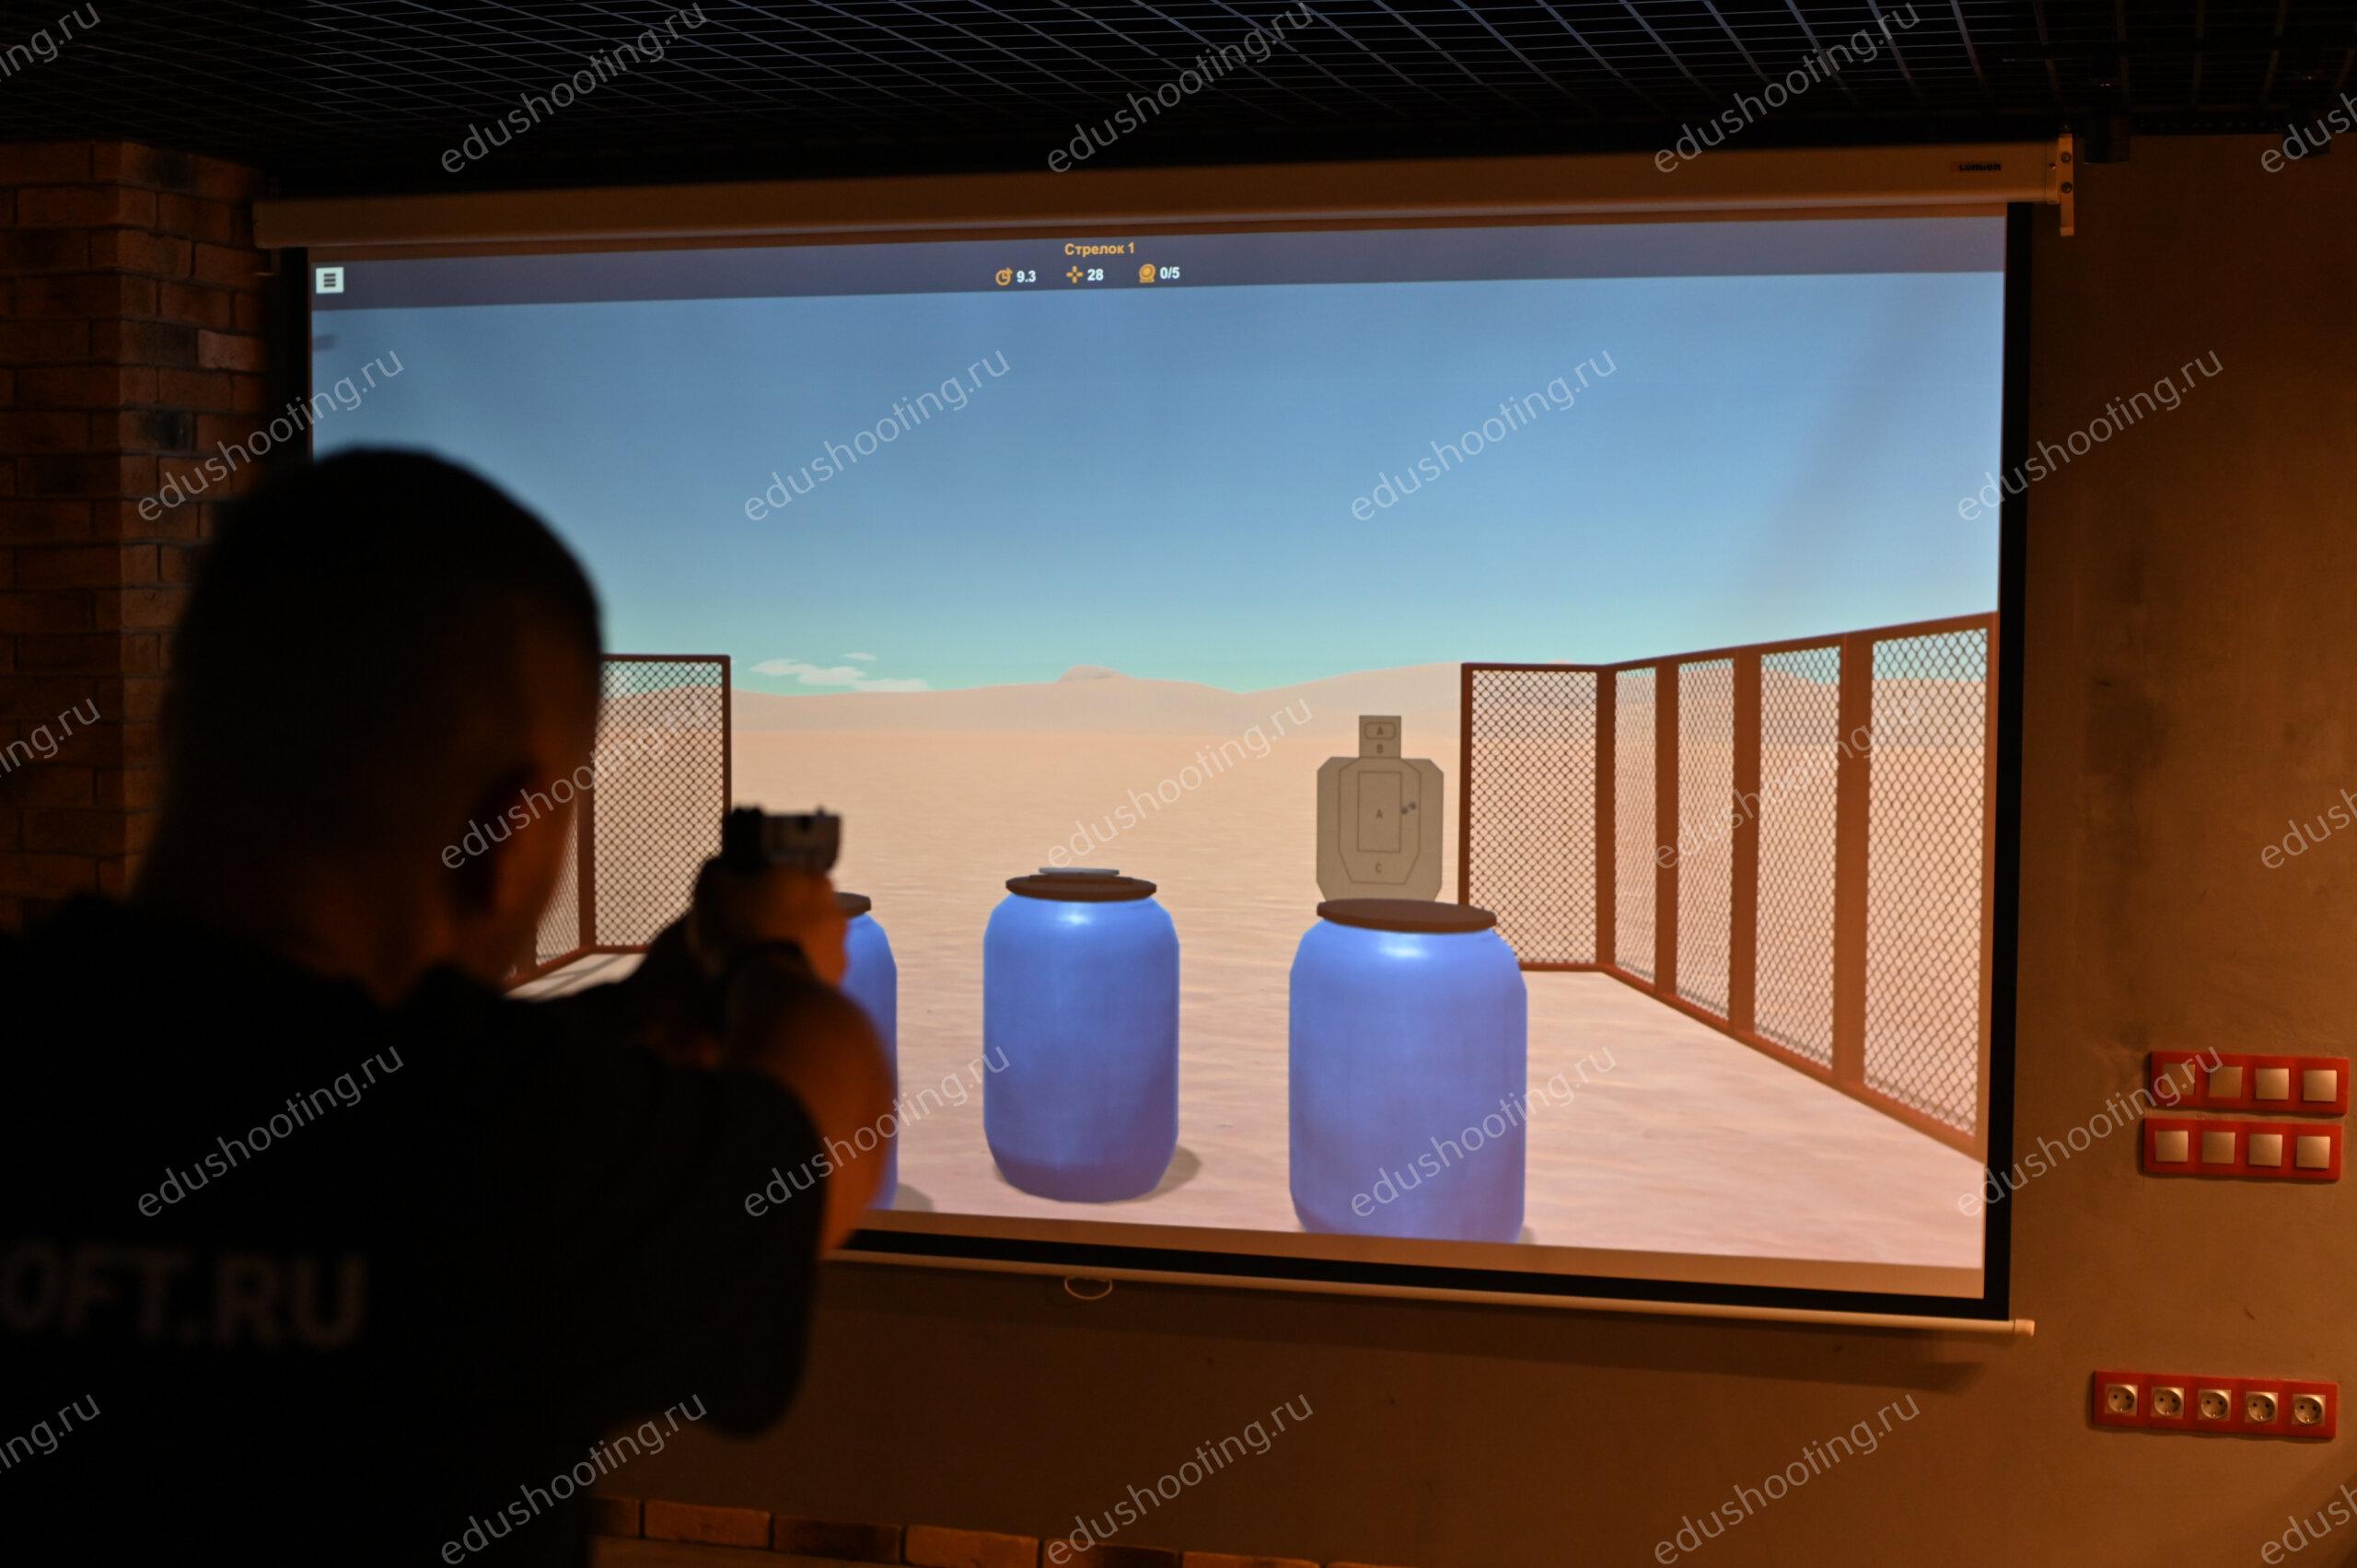 Стрельба по мишени в интерактивном тире